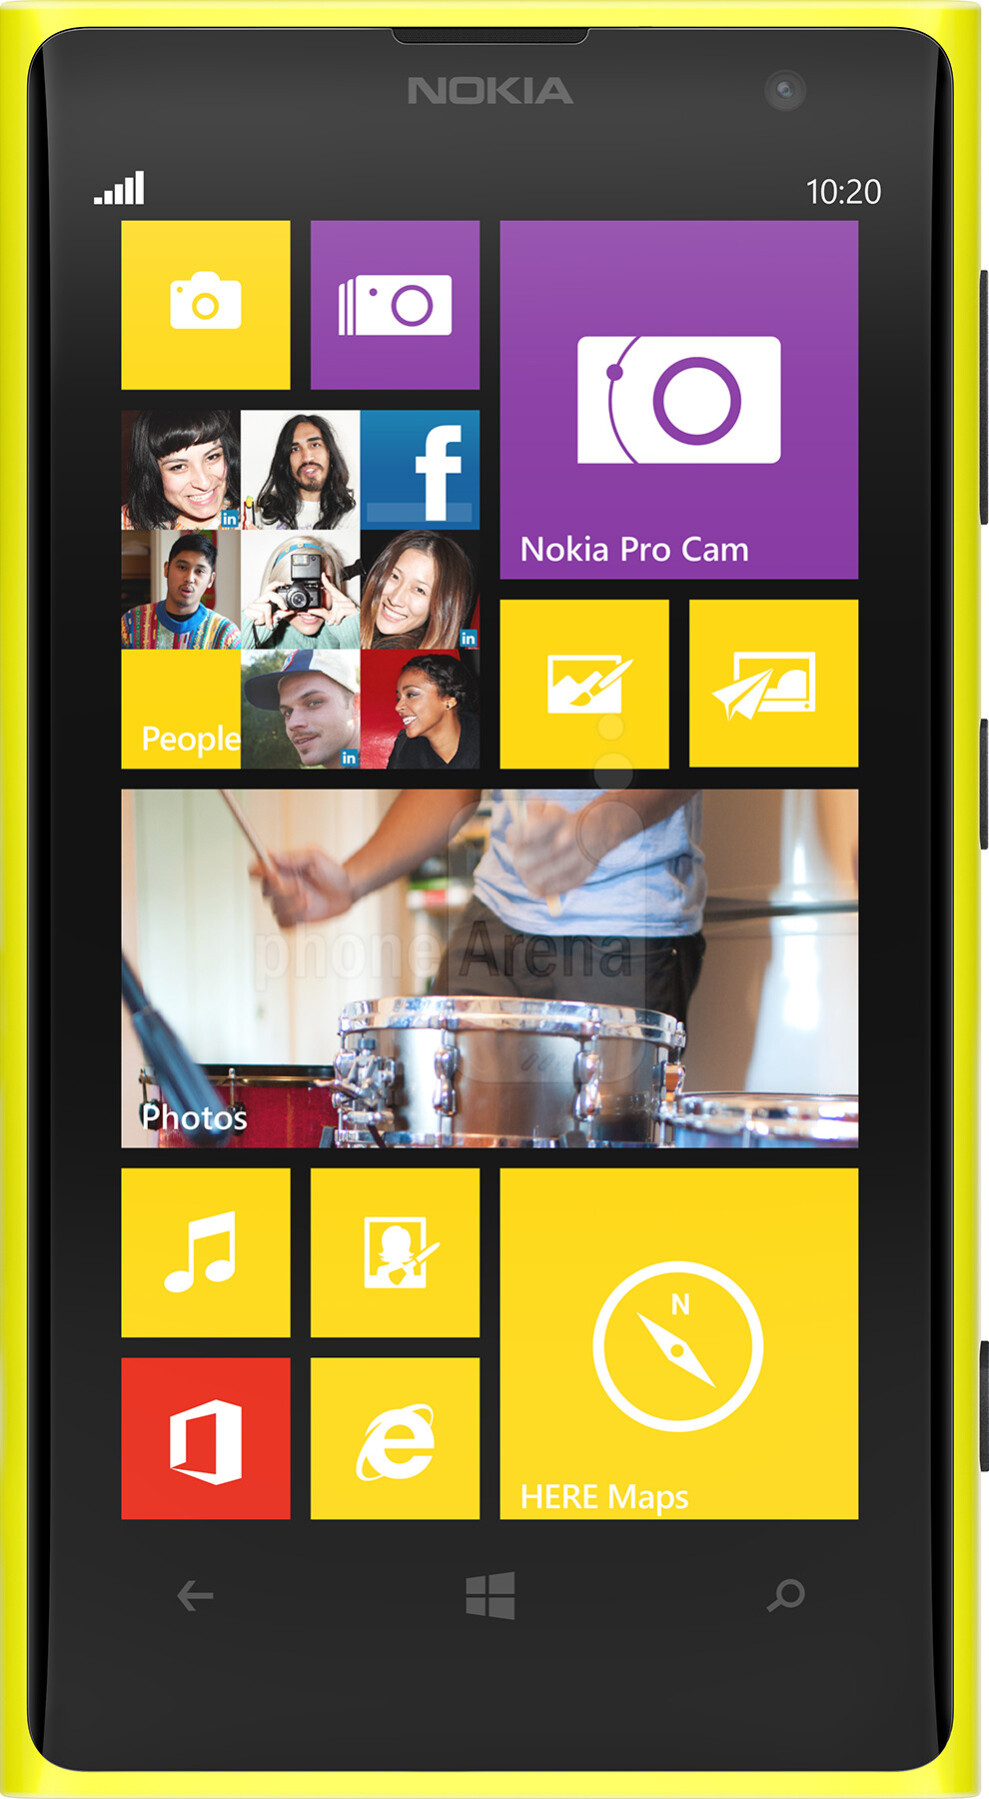 Nokia 808 Pureview vs Nokia Lumia 1020 Nokia Lumia 1020